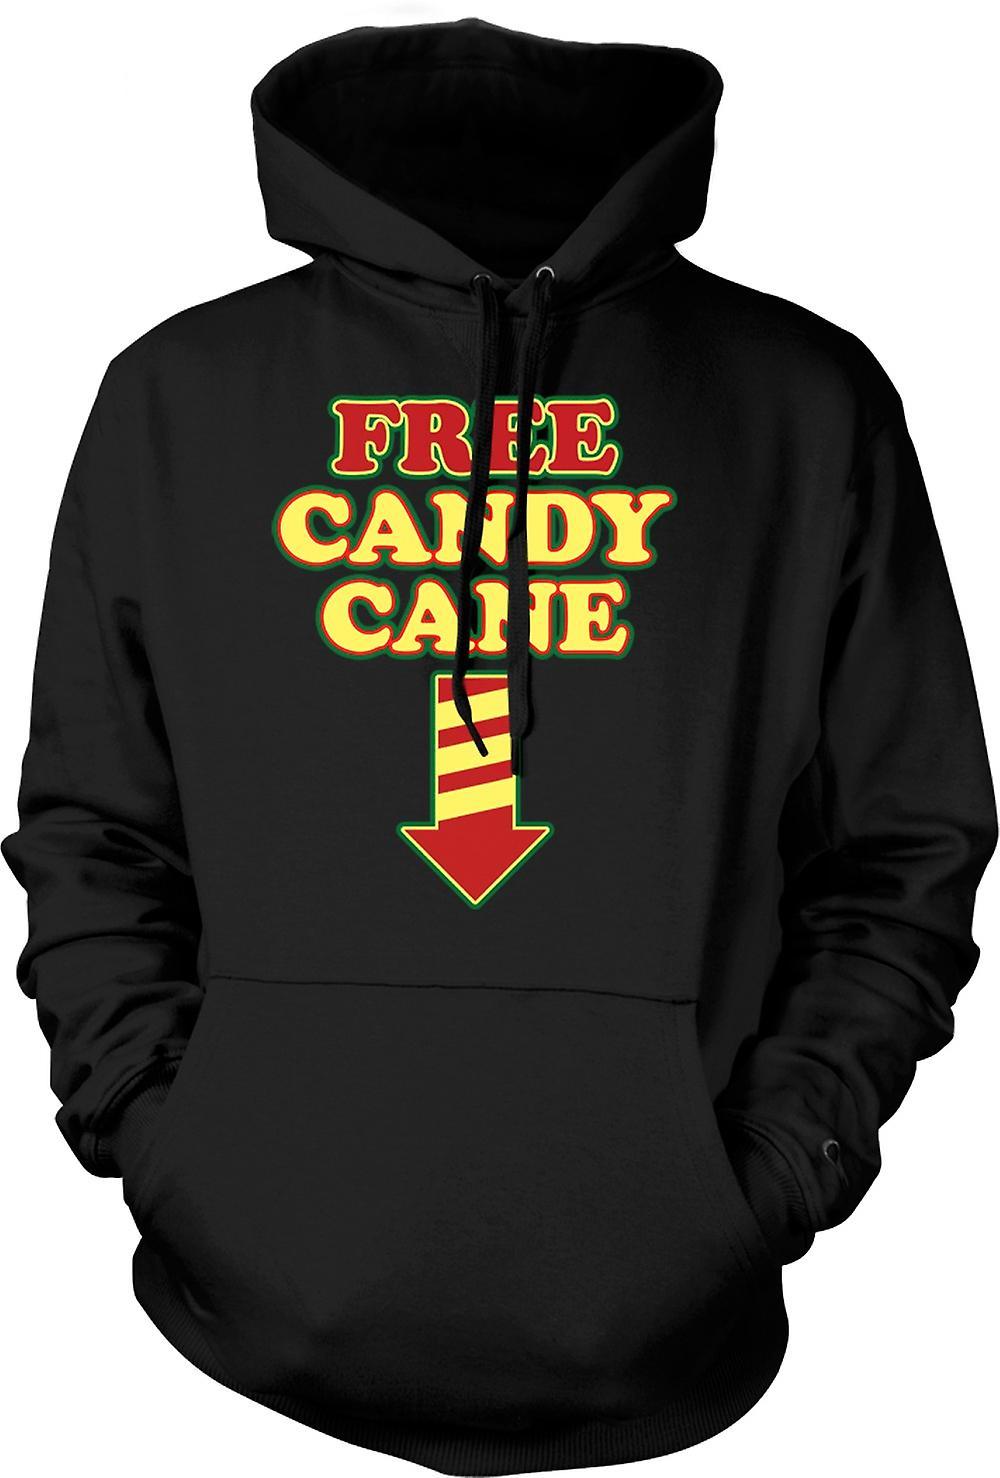 Mens-Hoodie - freie Candy Cane - lustige Weihnachten